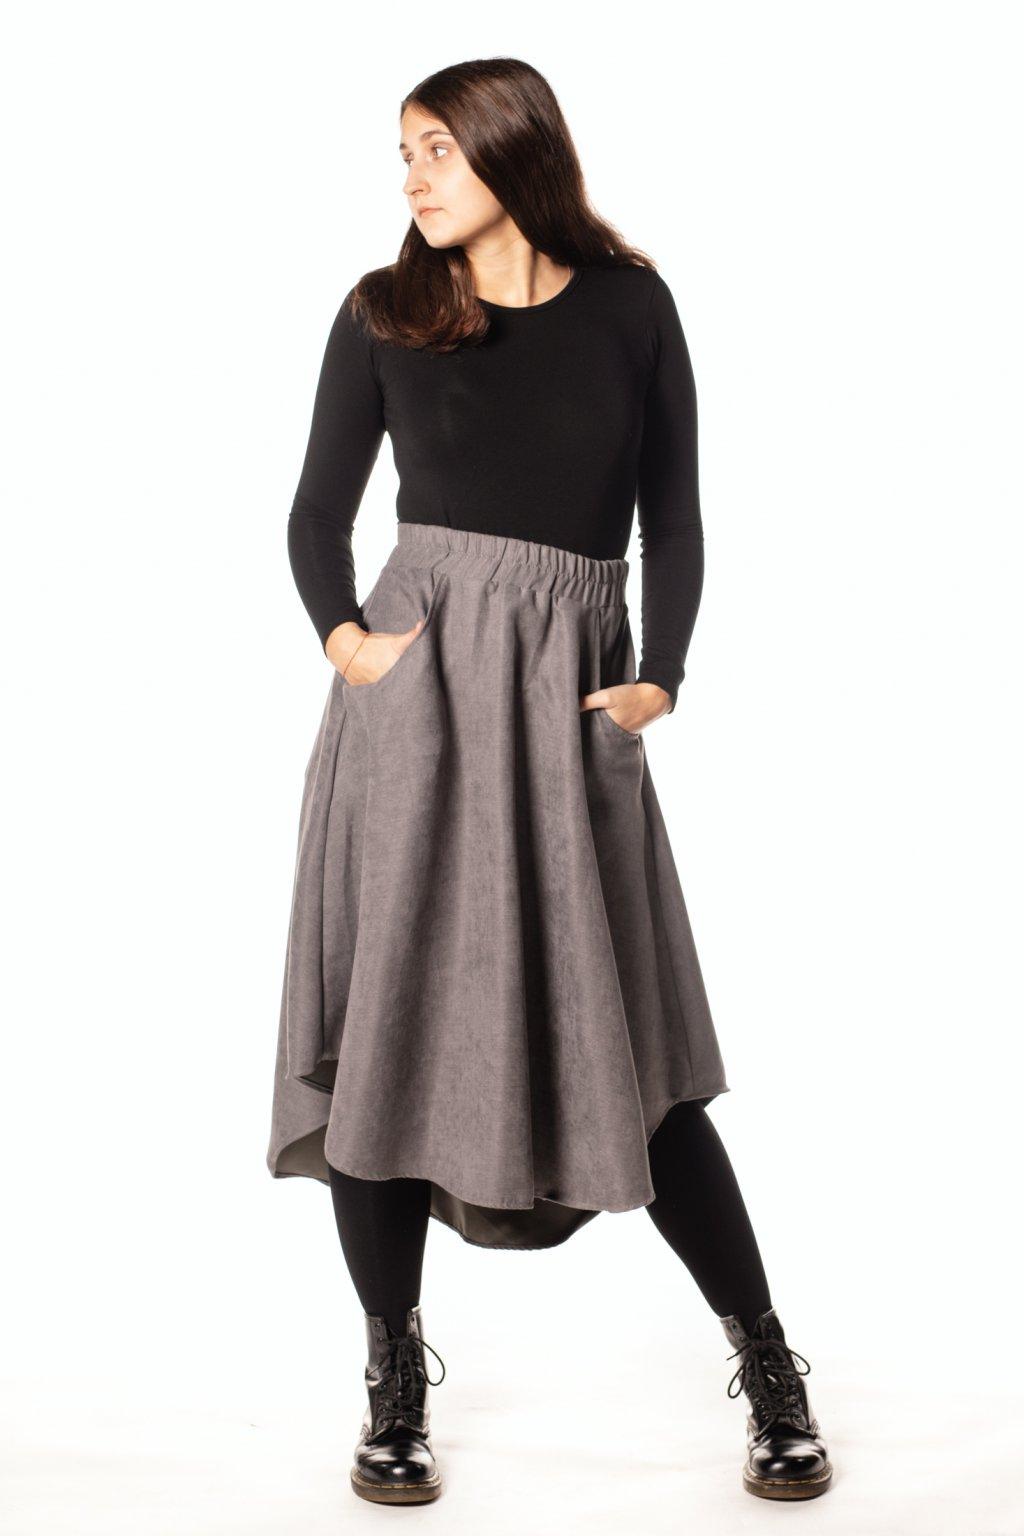 ŠEDÁ asymetrická sukně  (manšestr jemný)